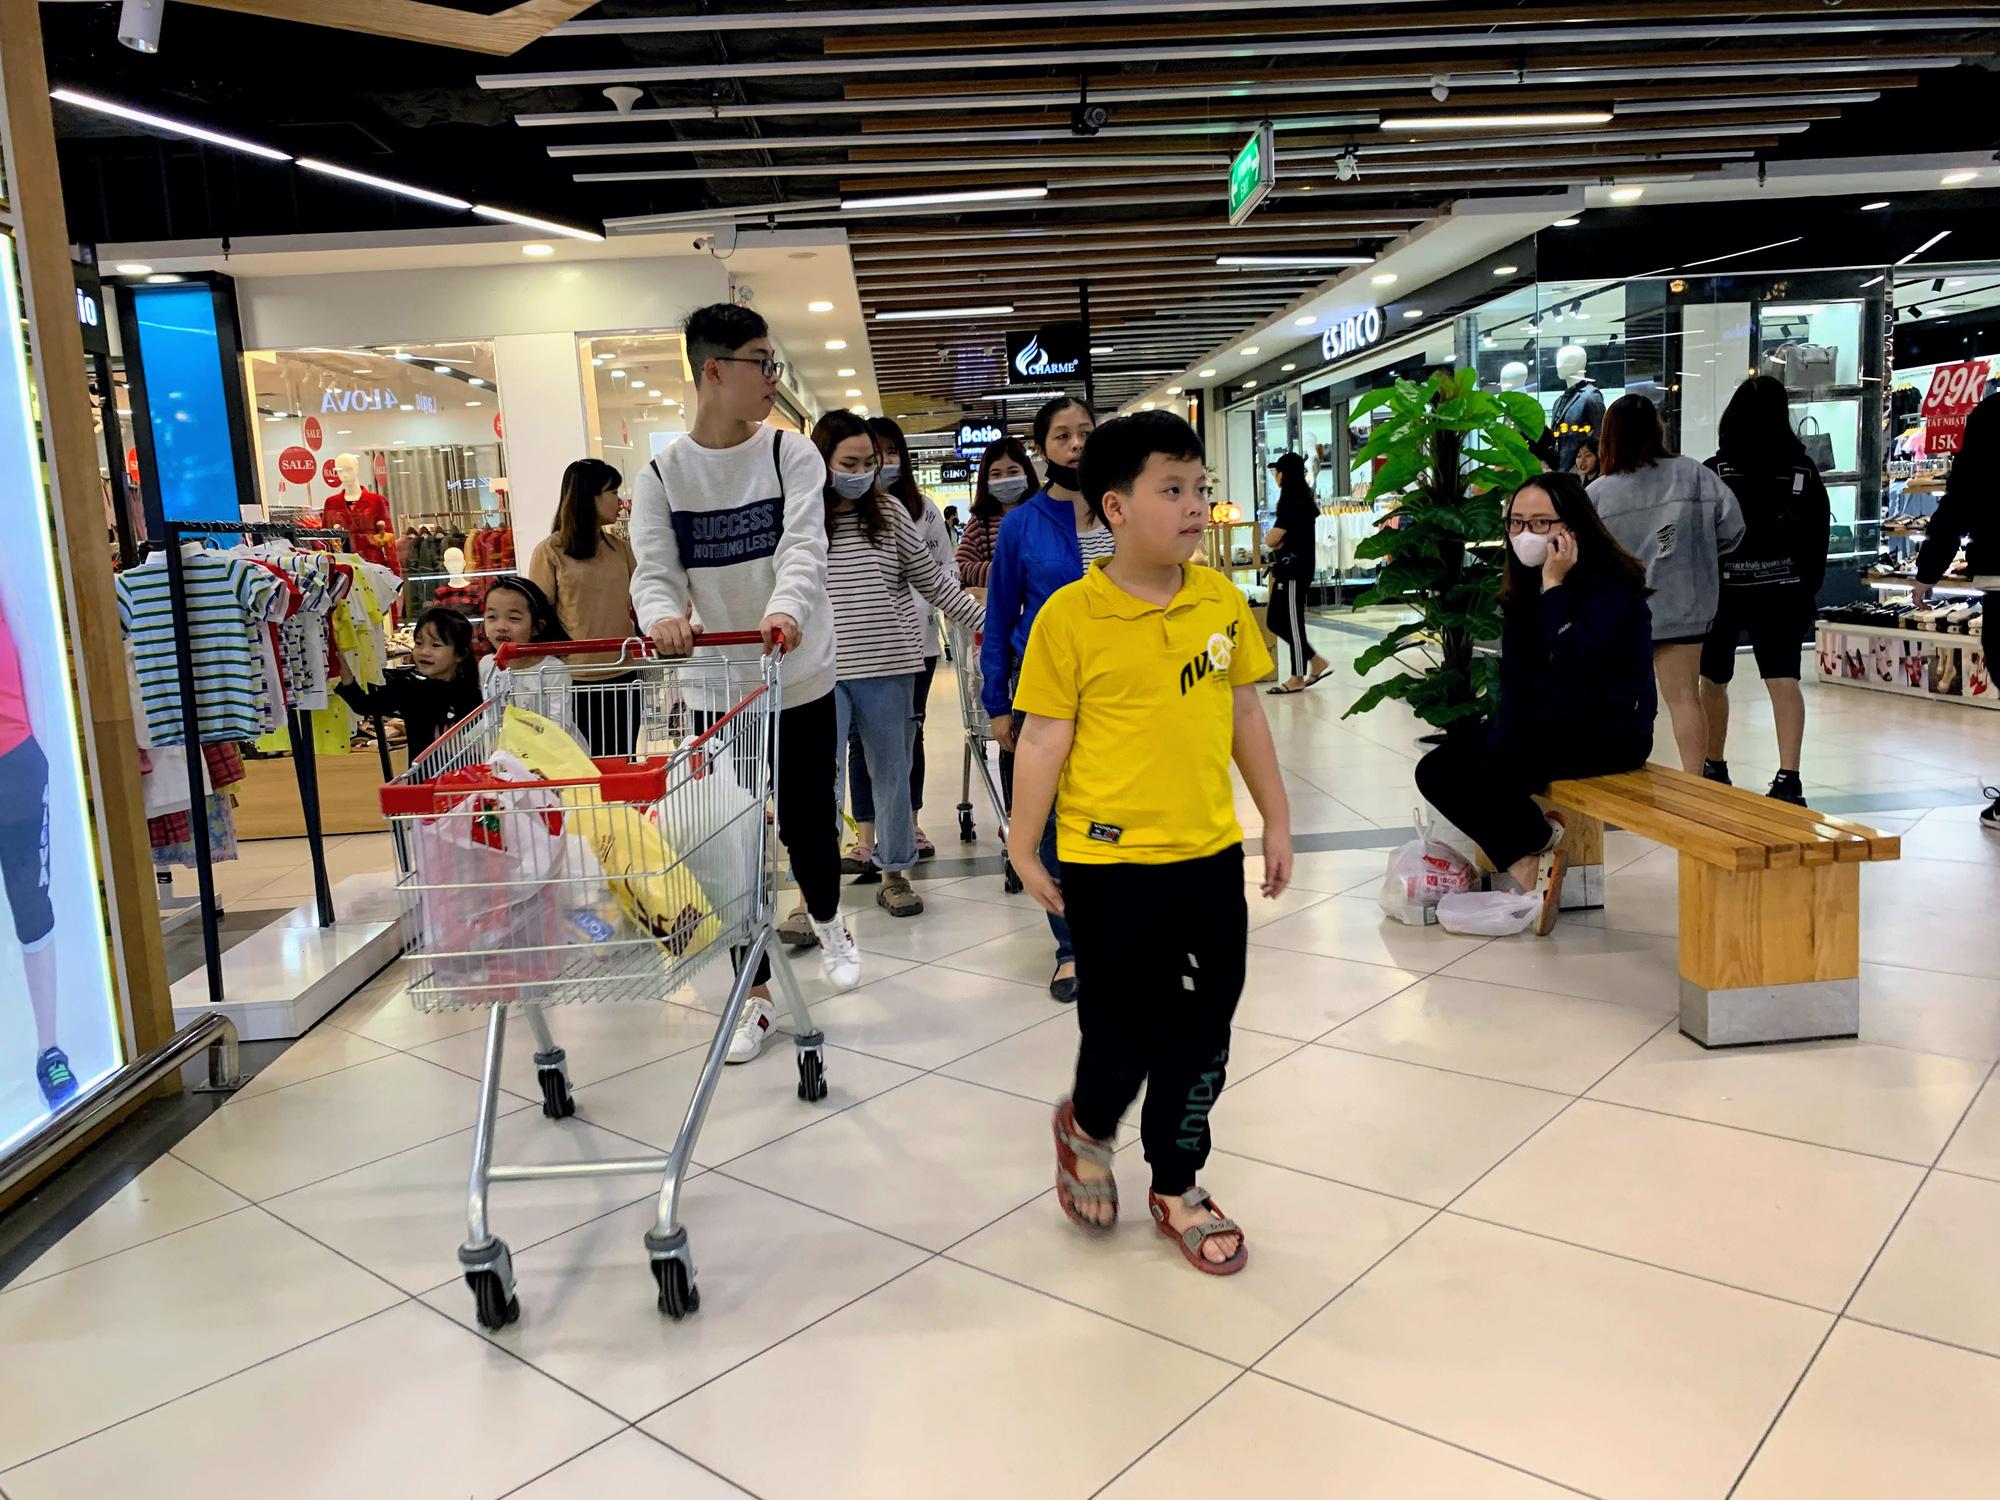 17 người nhiễm Covid - 19 được chữa khỏi, người dân lạc quan quay trở lại mua sắm trong siêu thị, trung tâm thương mại - Ảnh 1.